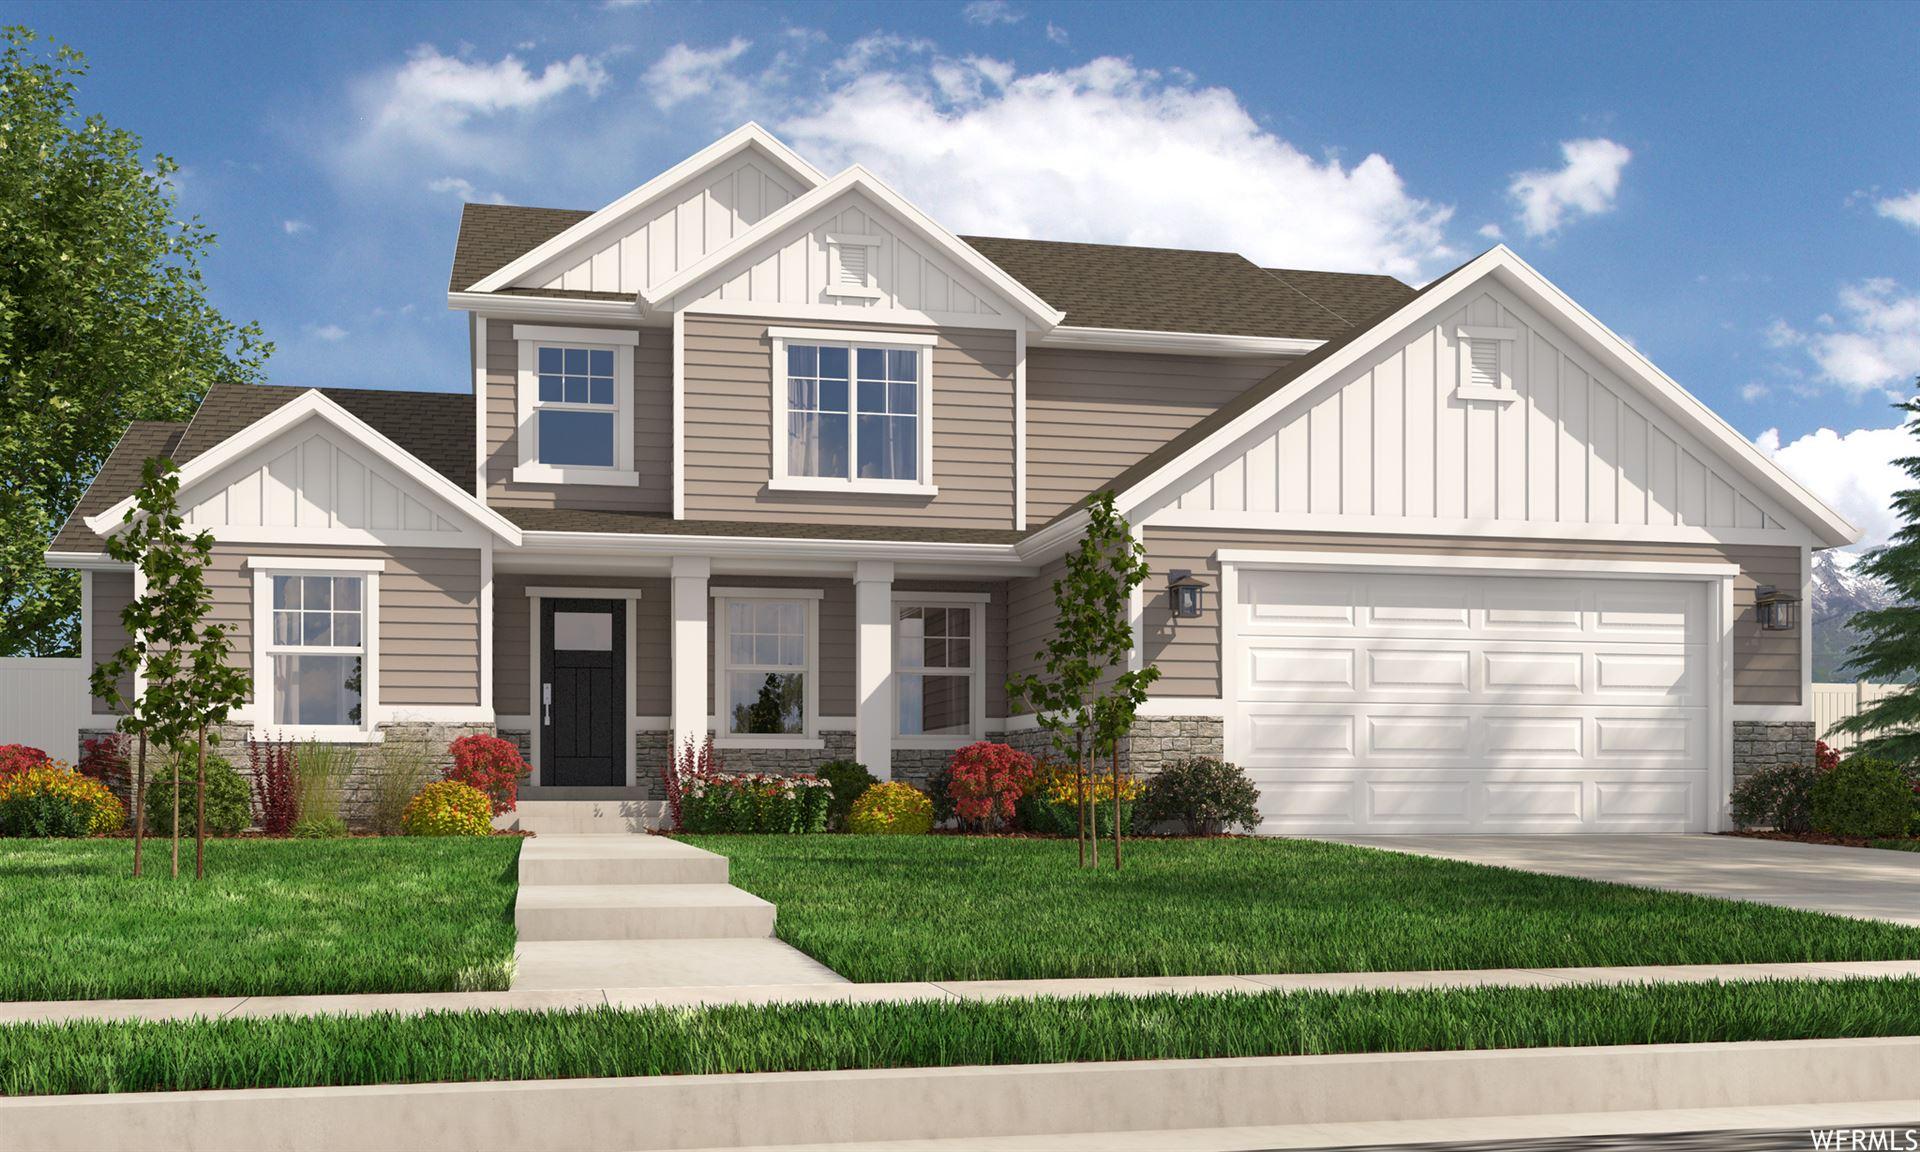 Photo of 1547 N 505 W #222, Saratoga Springs, UT 84043 (MLS # 1756626)